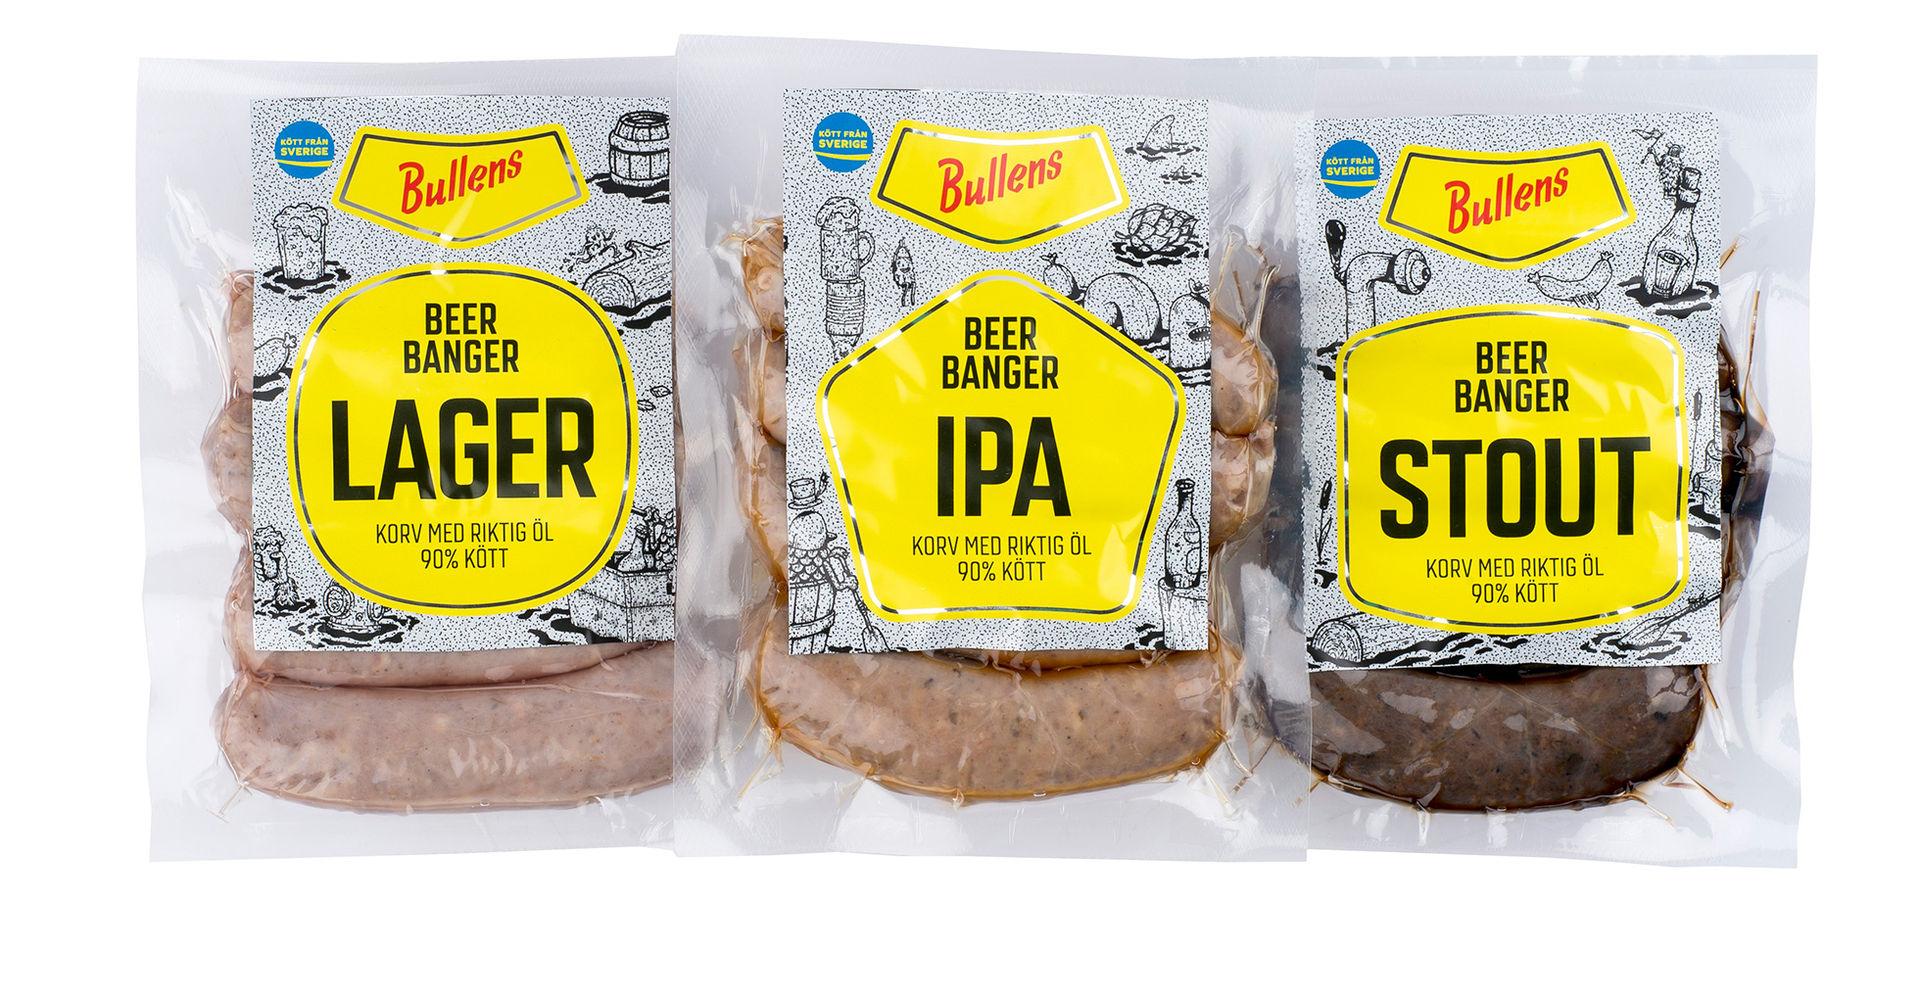 Bullens lanserar korv med öl